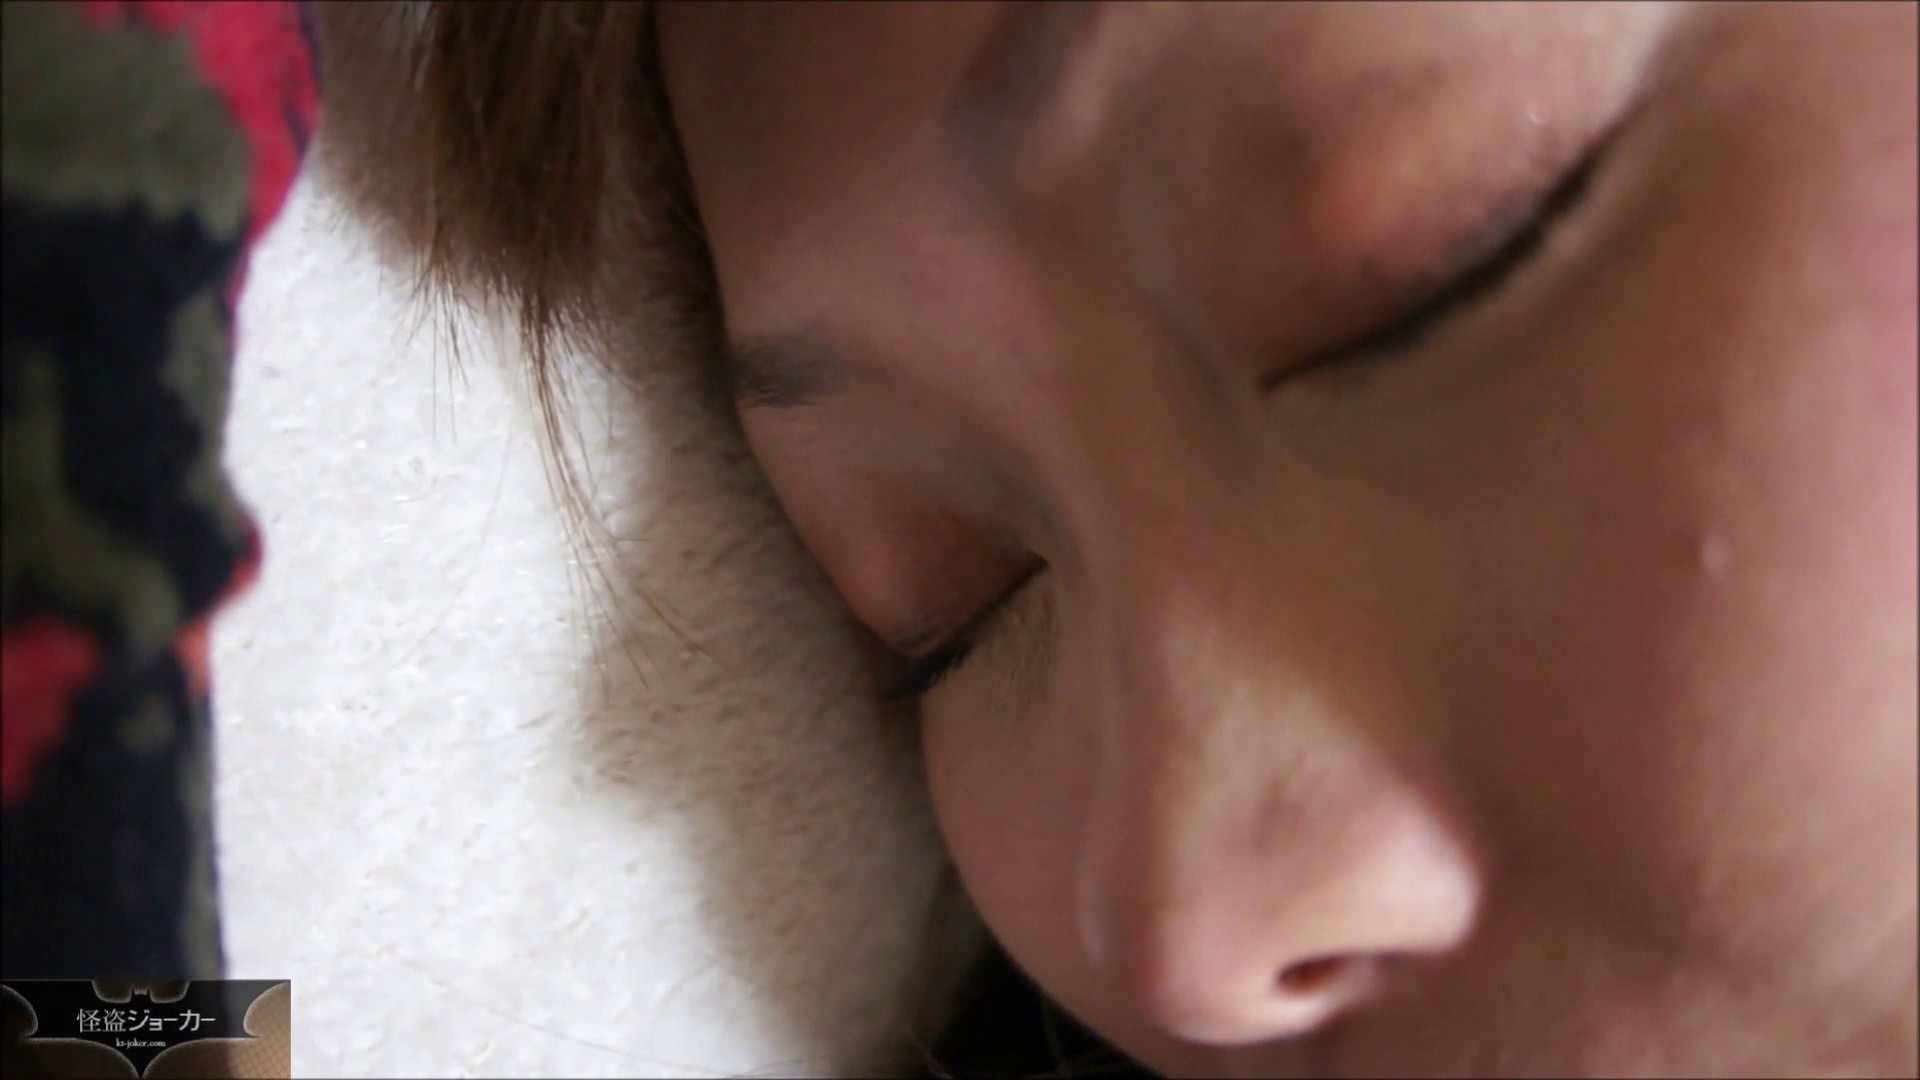 【未公開】vol.2 妻の友人、美里さん・・・晩酌の後、人妻の体を。 人妻の実態 すけべAV動画紹介 98pic 55